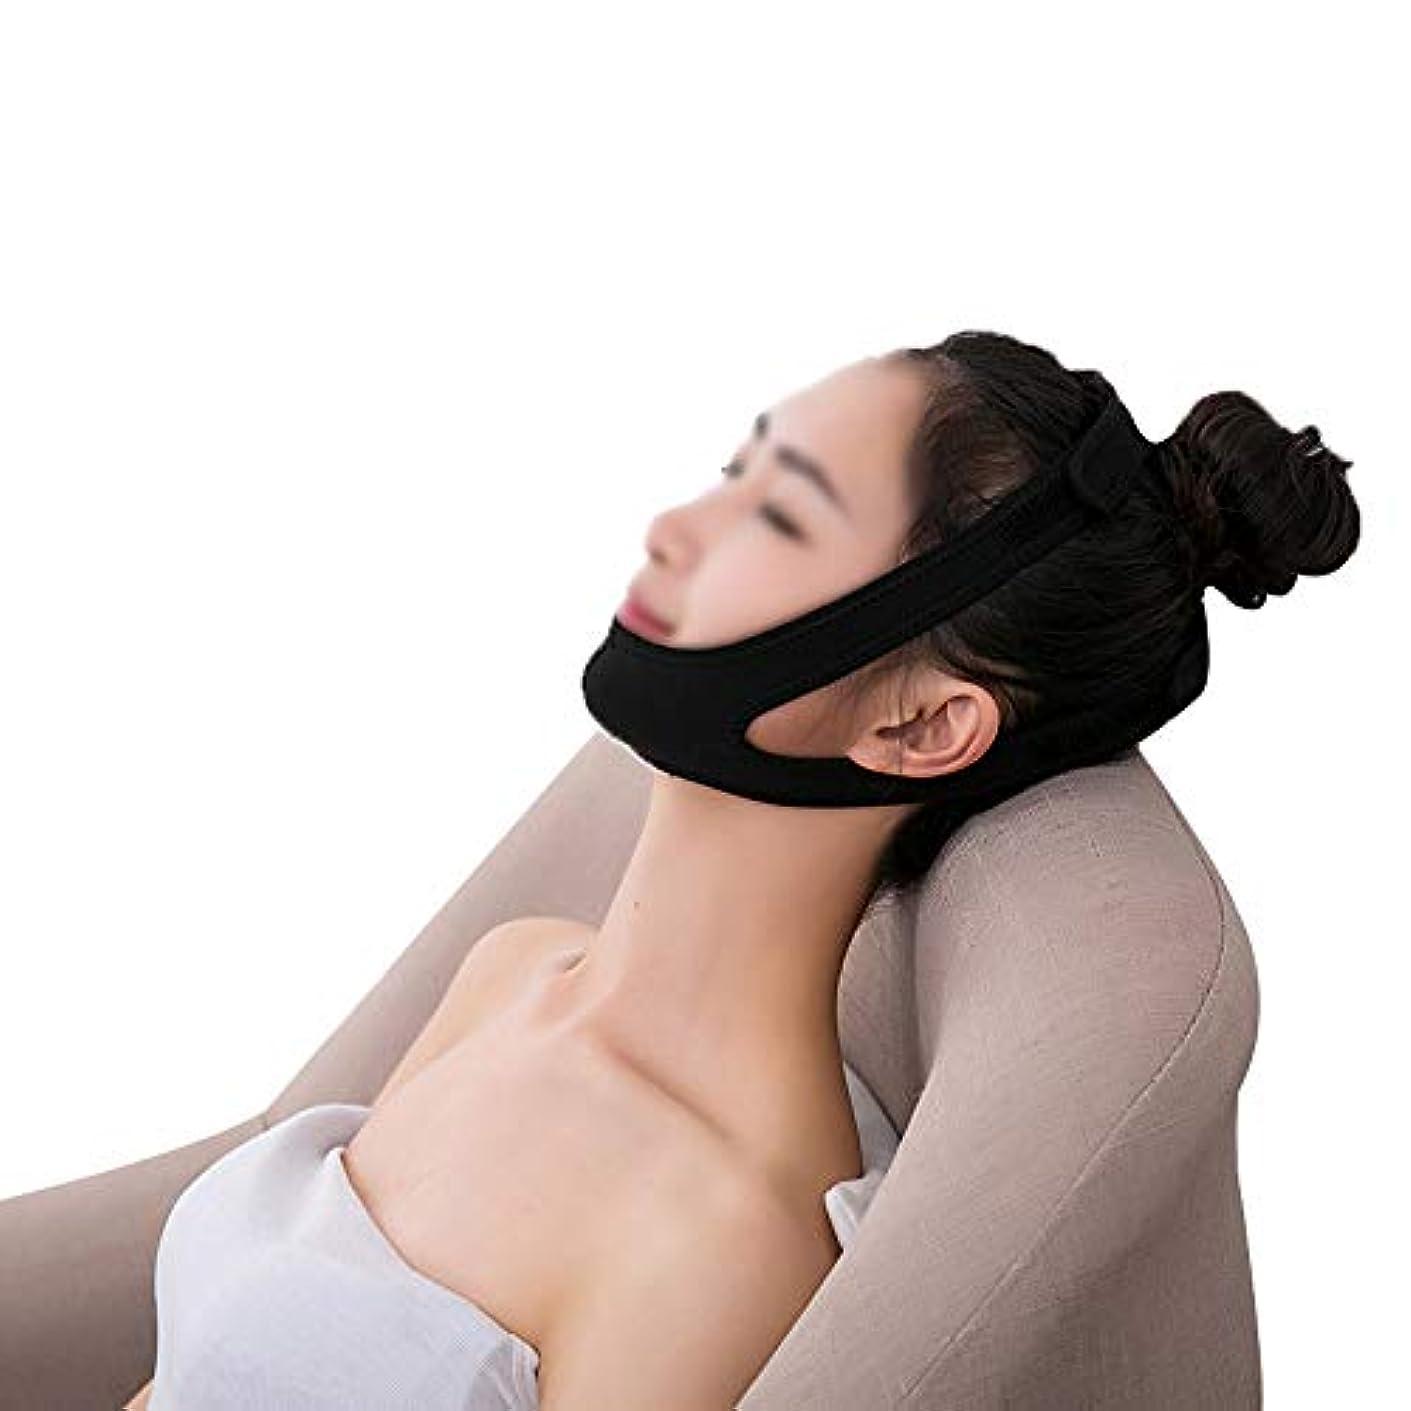 争い低下義務的XHLMRMJ 引き締めフェイスマスク、術後リフティングマスクホーム包帯揺れネットワーク赤女性vフェイスステッカーストラップ楽器フェイスアーティファクト